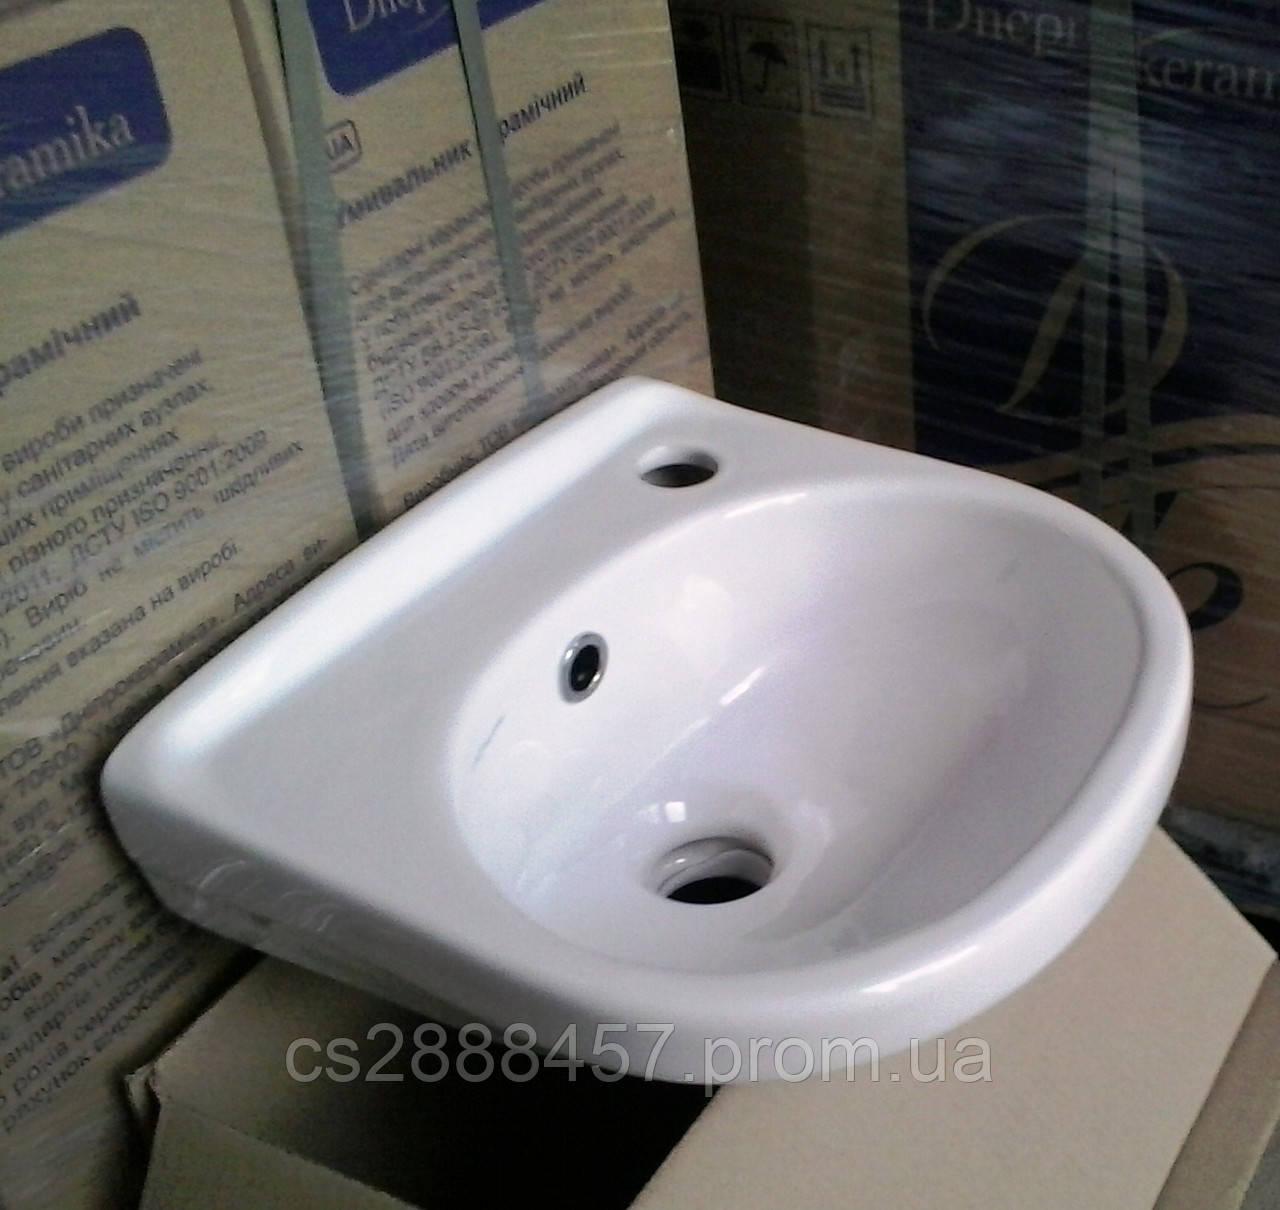 Умывальник  для ванной комнаты маленький 35 Сорт 1 / Умивальник  для ванної кімнати маленький 35 Сор